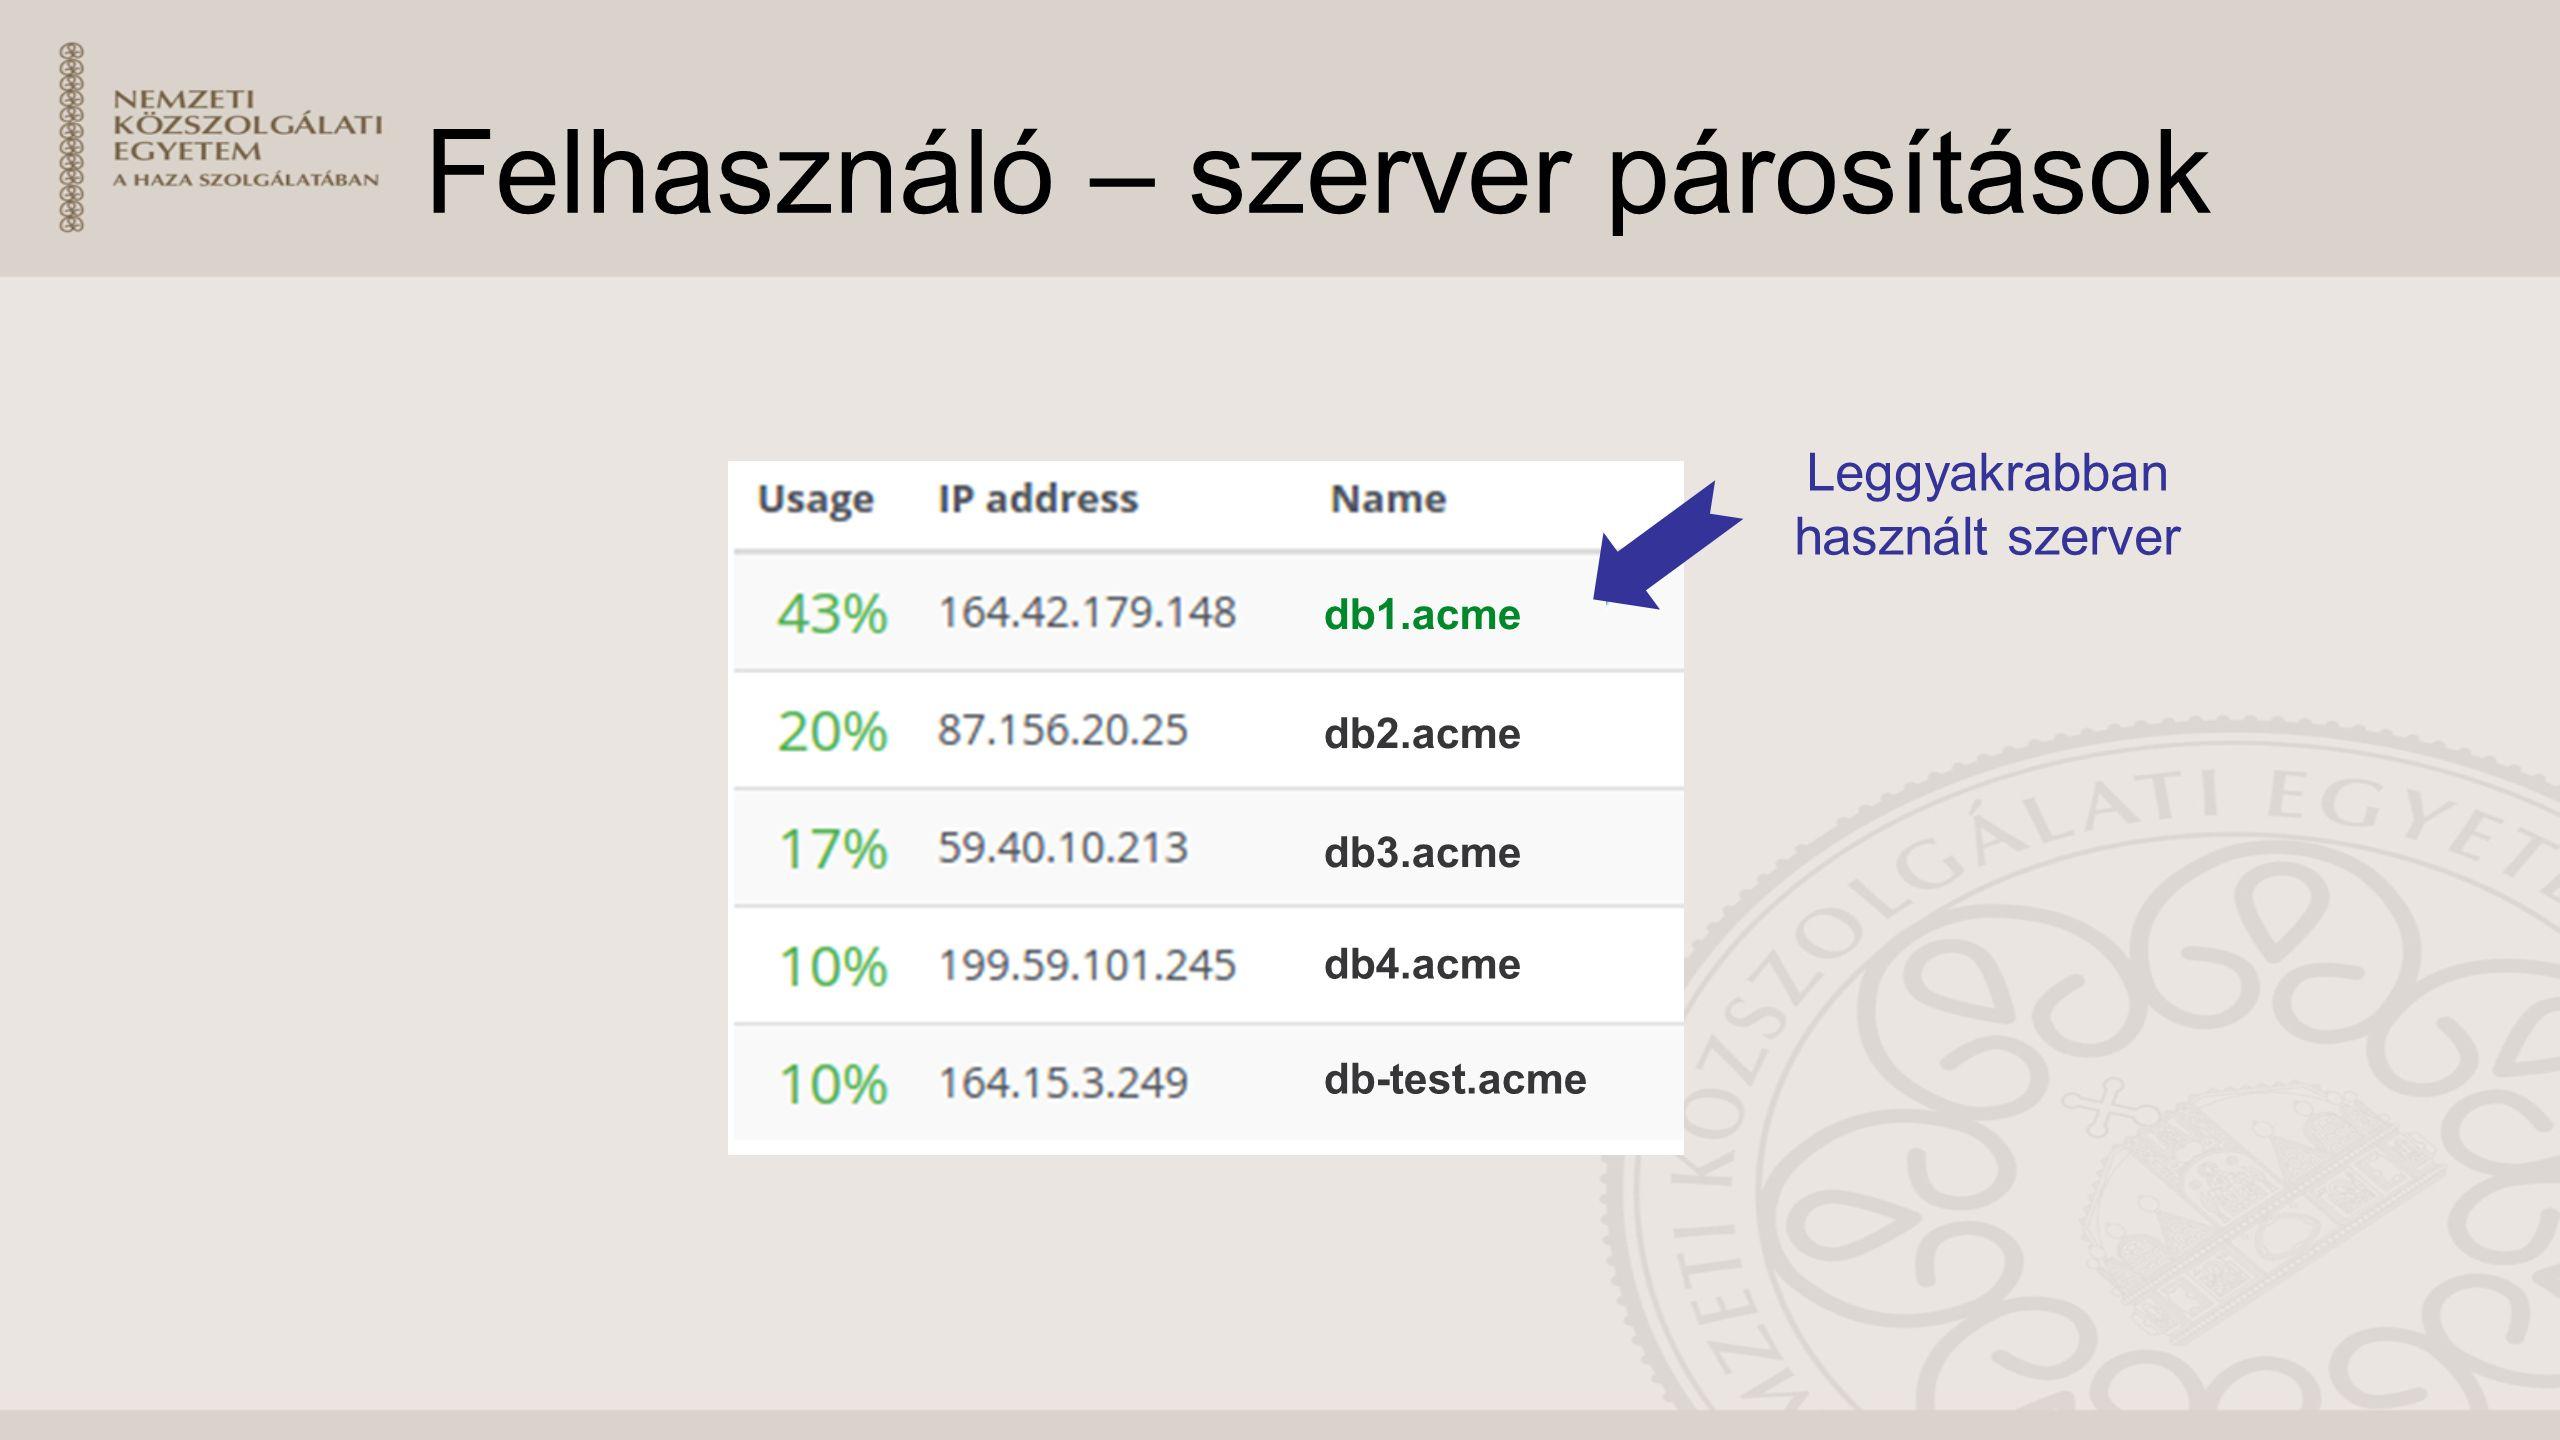 Felhasználó – szerver párosítások db1.acme db2.acme db3.acme db-test.acme db4.acme Leggyakrabban használt szerver